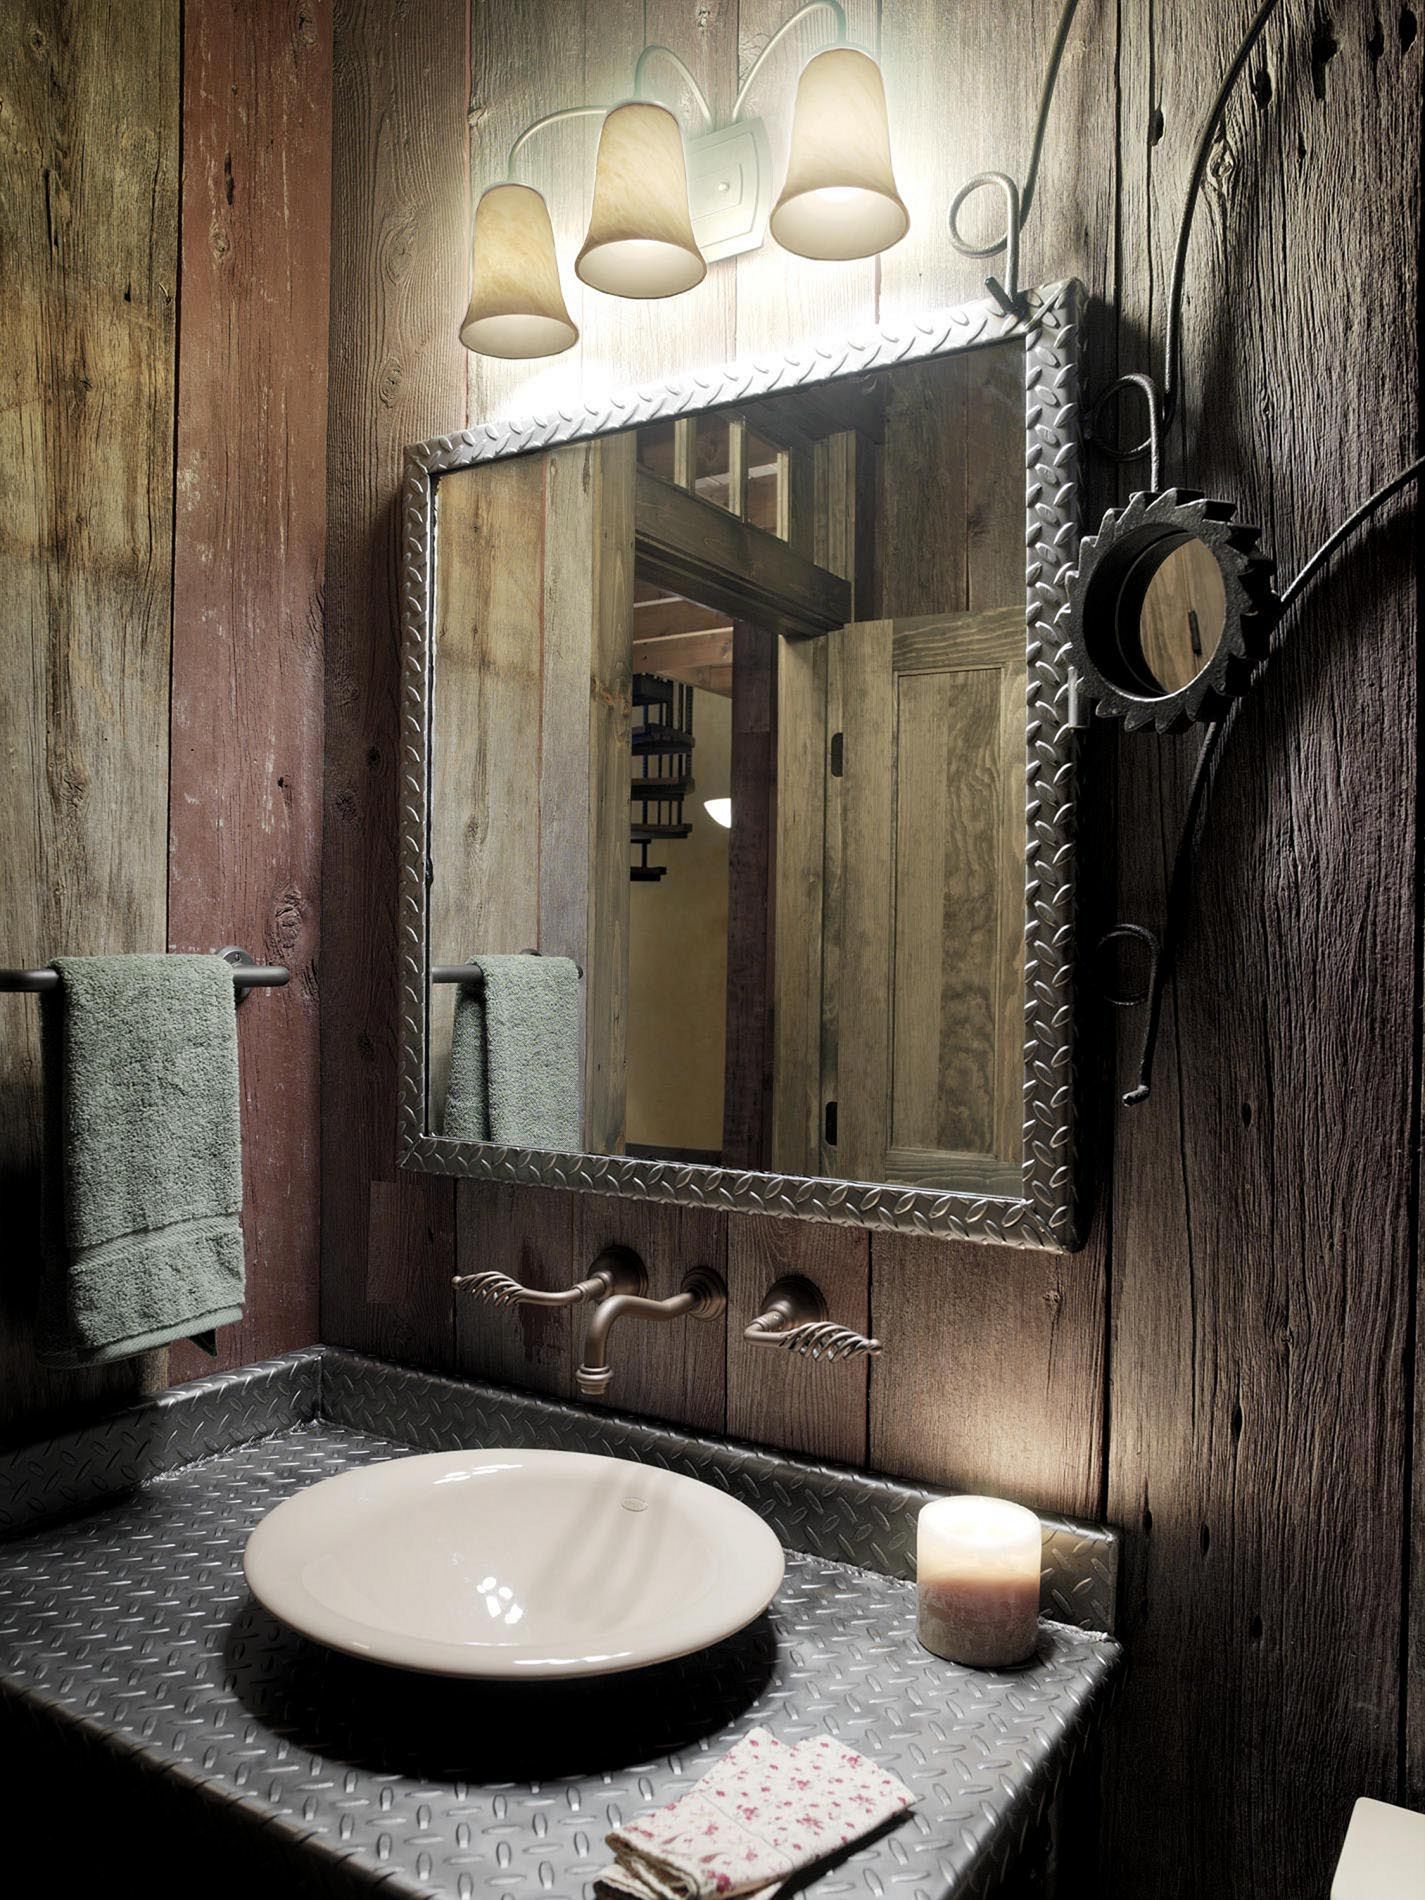 10 Steampunk Bathroom Ideas 2021 The Odd Industrial Tone Rustic Bathroom Designs Rustic Bathroom Lighting Steampunk Bathroom Decor [ 1900 x 1425 Pixel ]